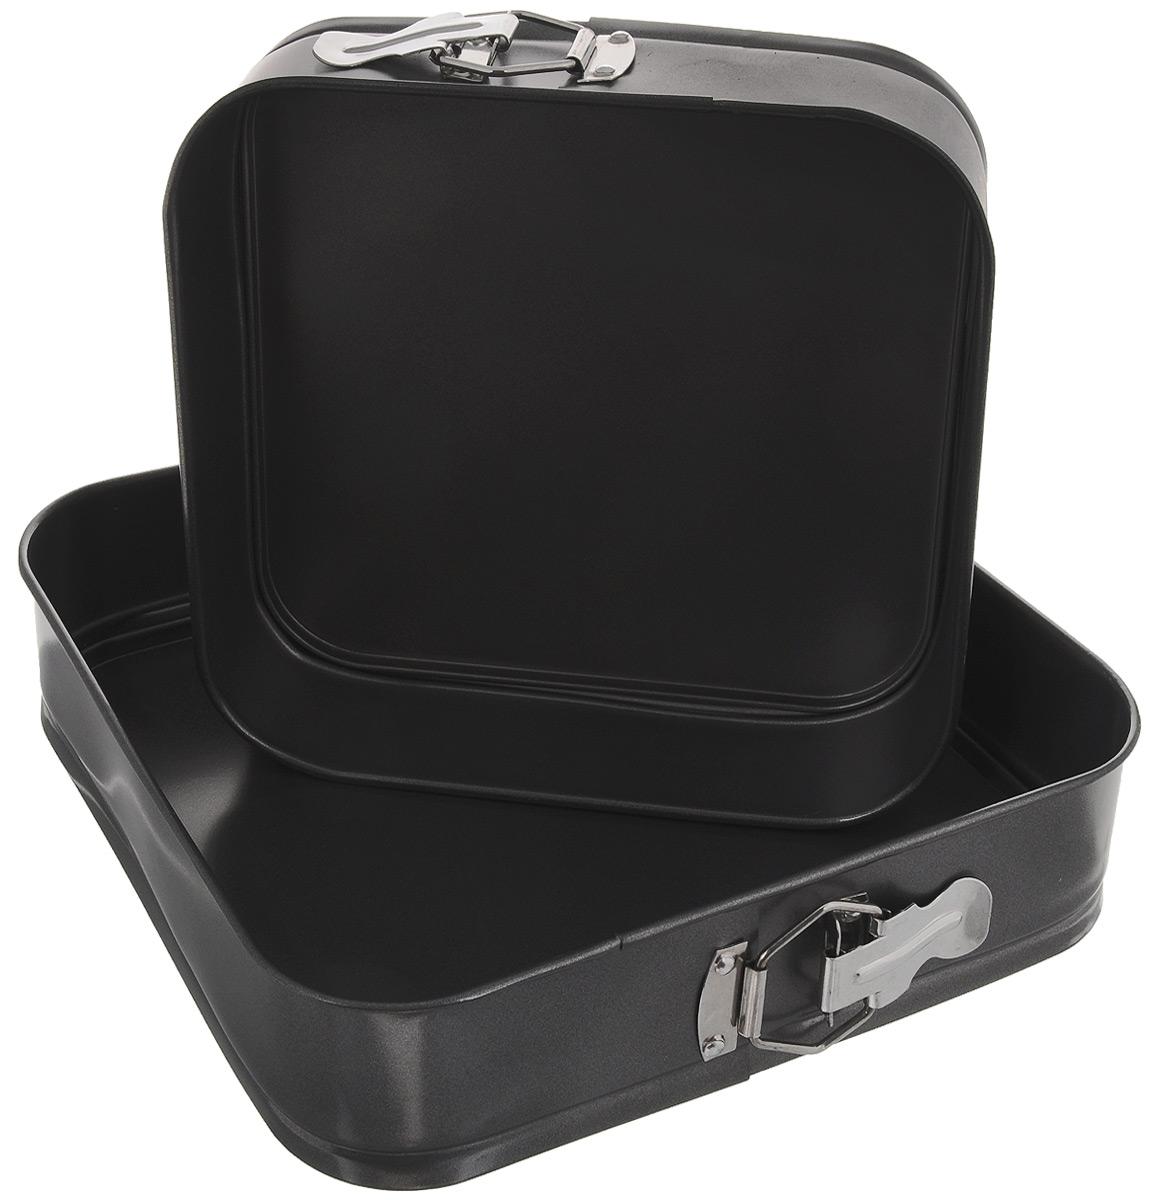 Набор форм для выпечки Mayer & Boch, квадратные, с антипригарным покрытием, 2 предмета391602Набор Mayer & Boch состоит из двух квадратных разъемных форм для выпечки разного размера, выполненных из высококачественной углеродистой стали. Современное высокотехнологичное антипригарное покрытие предотвращает пригорание выпечки и обеспечивает легкую очистку после использования. Кроме того, формы имеют разъемный механизм и съемное дно, благодаря чему готовое блюдо очень легко вынимать. Изделия складываются друг в друга по принципу матрешки, поэтому они не займут много места на кухне при хранении.Формы легкие и удобные в использовании, легко моются. С ними готовить любимые блюда станет еще проще. Подходят для использования в духовом шкафу и хранения пищи в холодильнике. Не предназначены для СВЧ-печей. Можно мыть в посудомоечной машине. Размер форм: 24 х 24 см, 28 х 28 см. Высота стенок: 6,8 см.